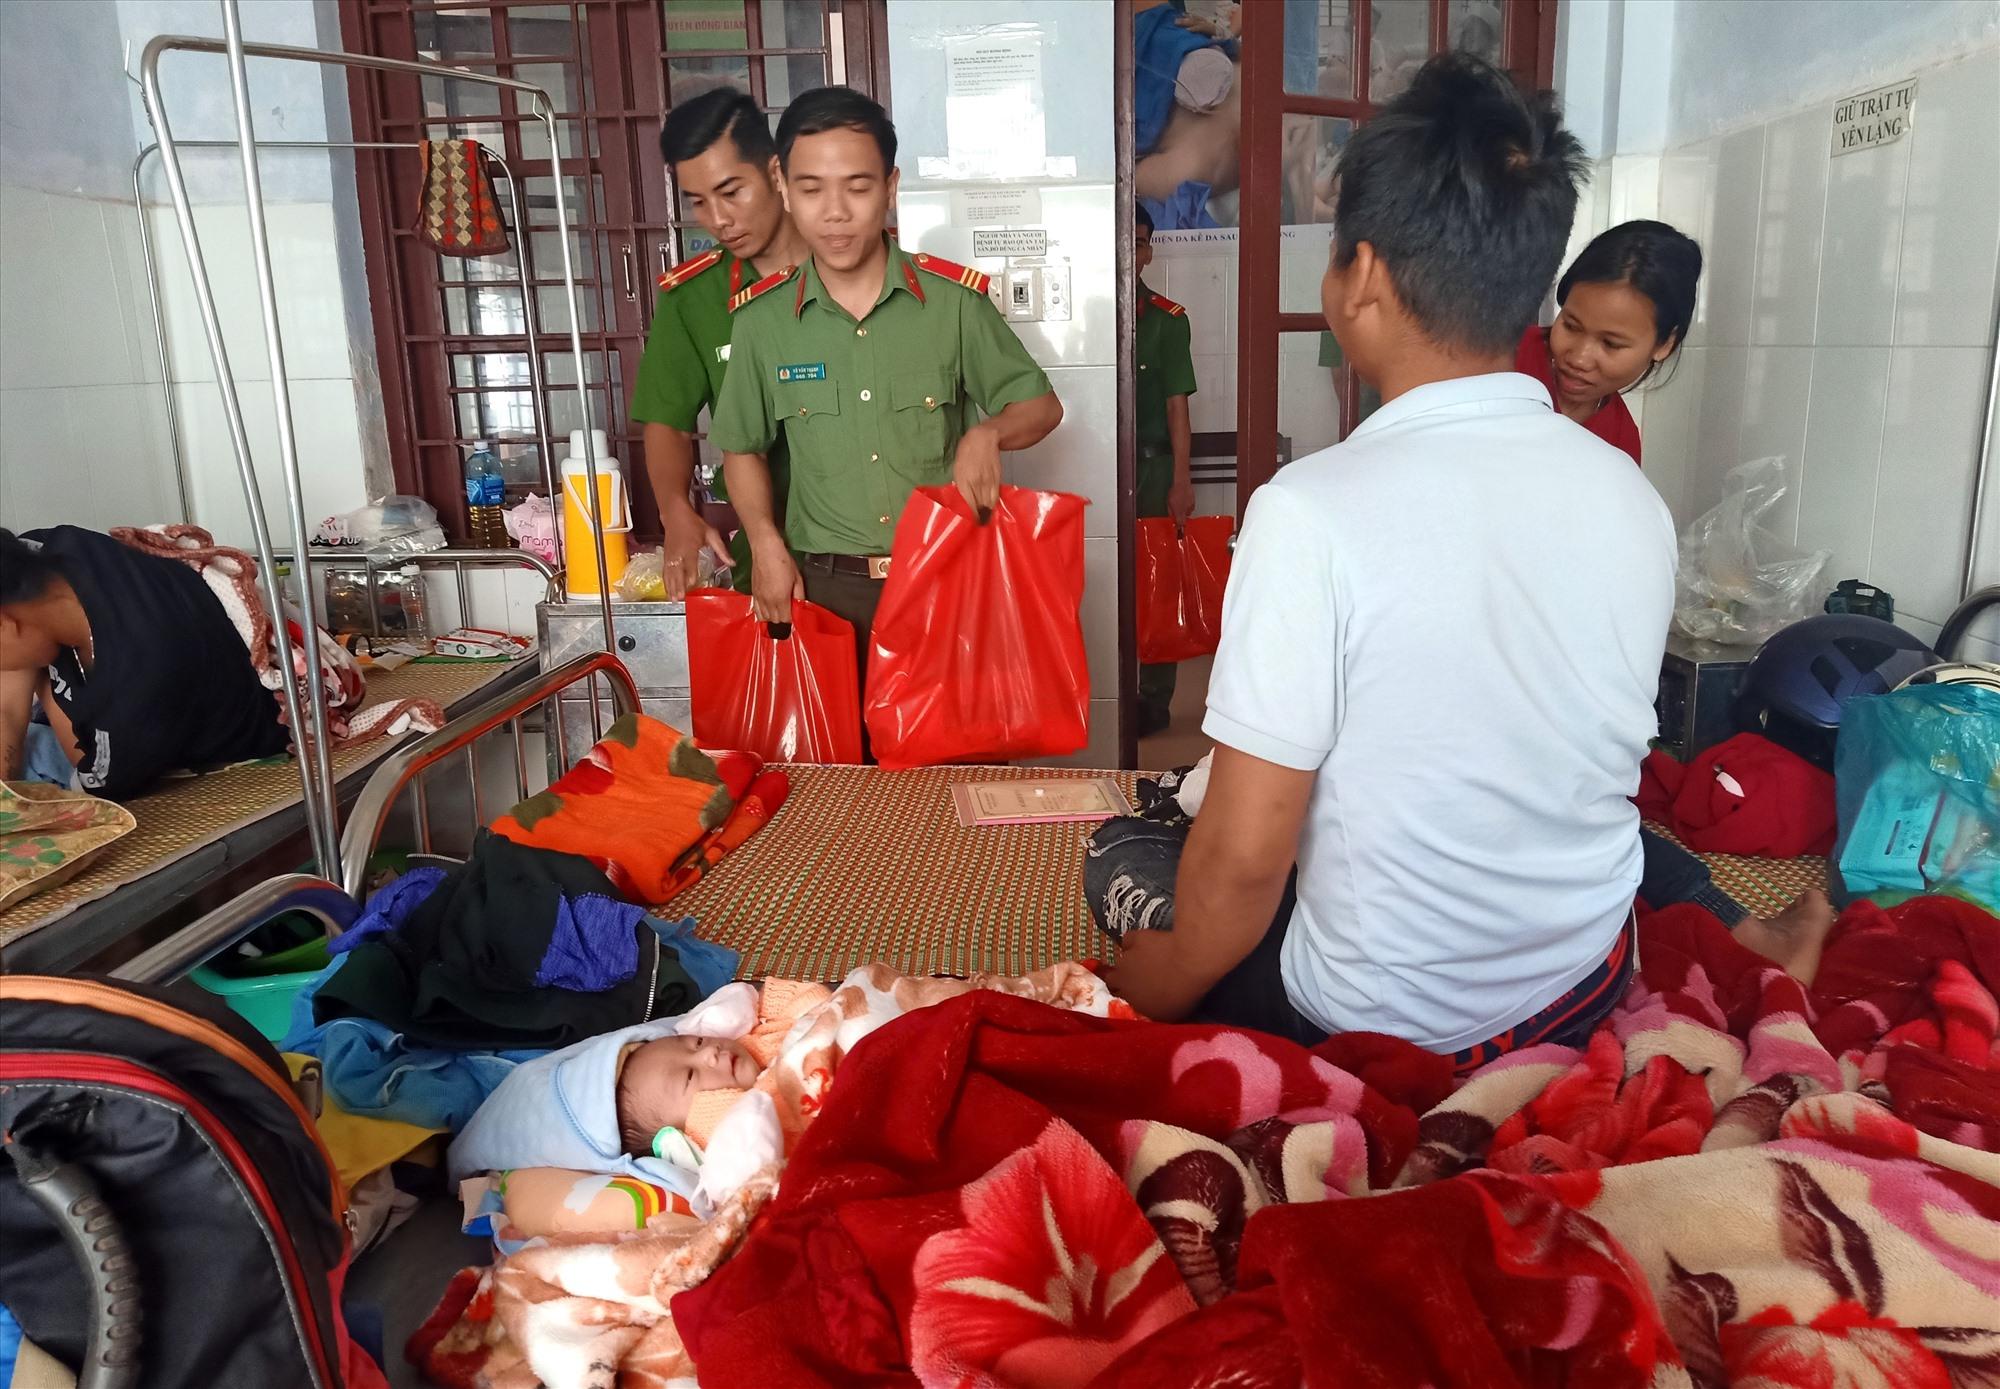 Các cán bộ, chiến sĩ trao quà tết động viên người nhà có em bé vừa chào đời tại bệnh viện. Ảnh: Đ.N